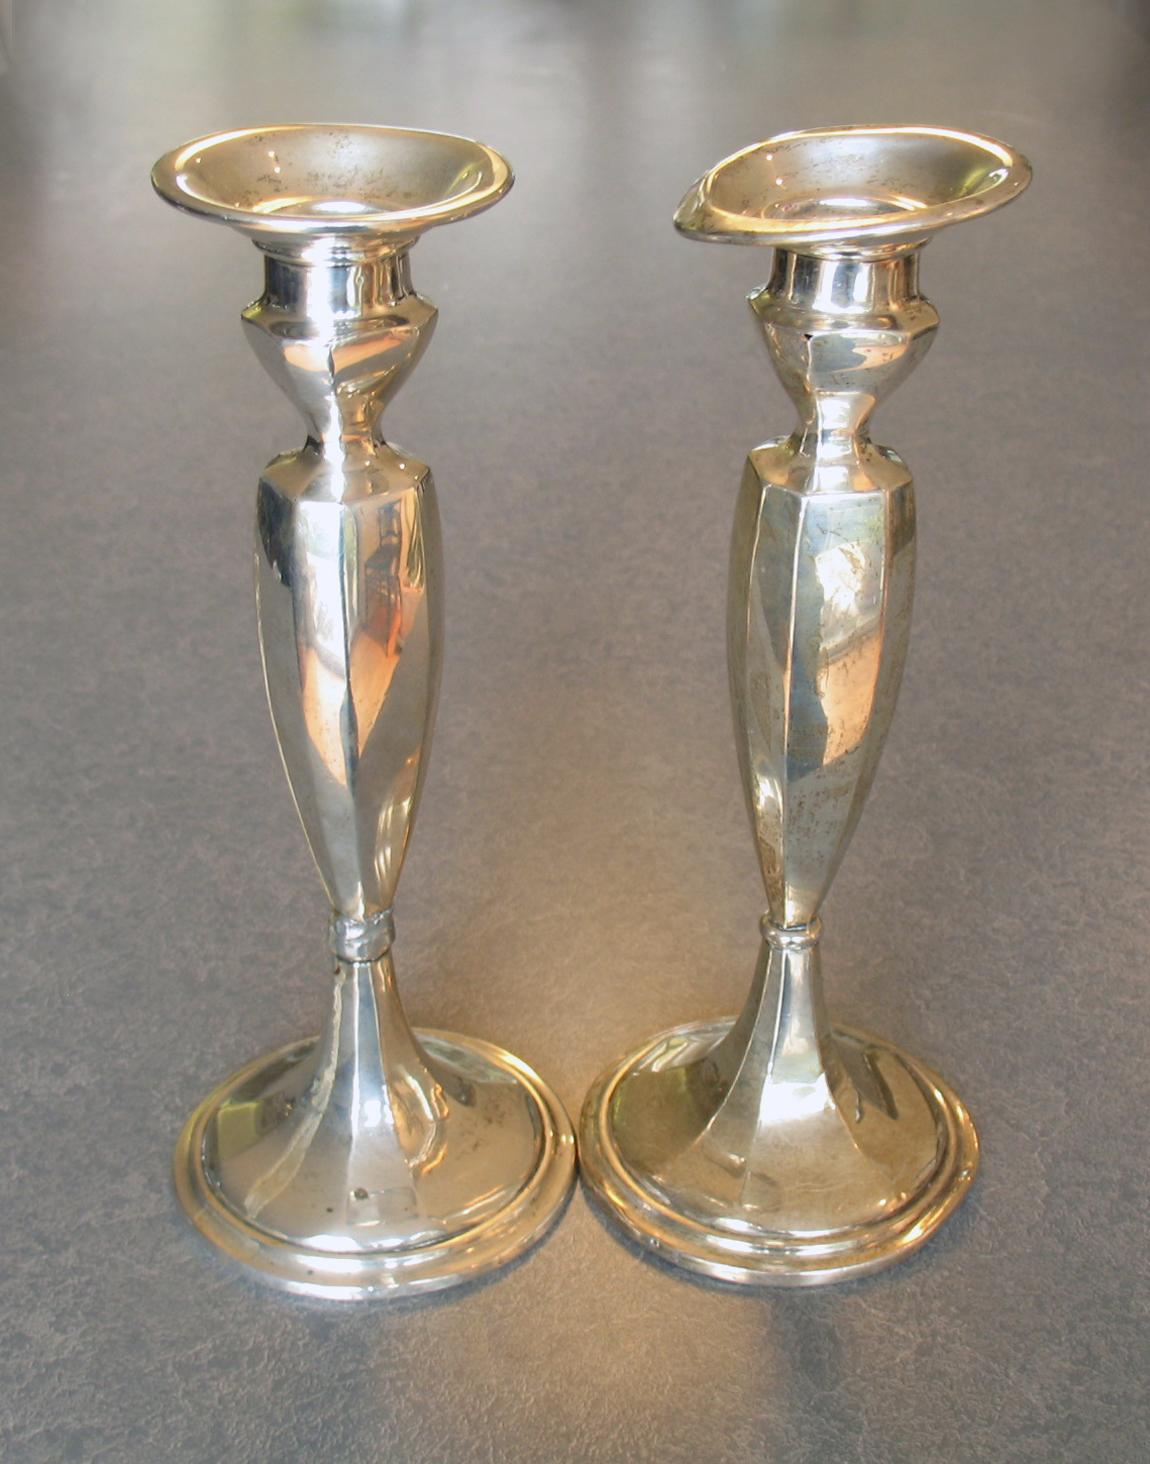 bent-mishapen-candlecup-sterling-candlesticks